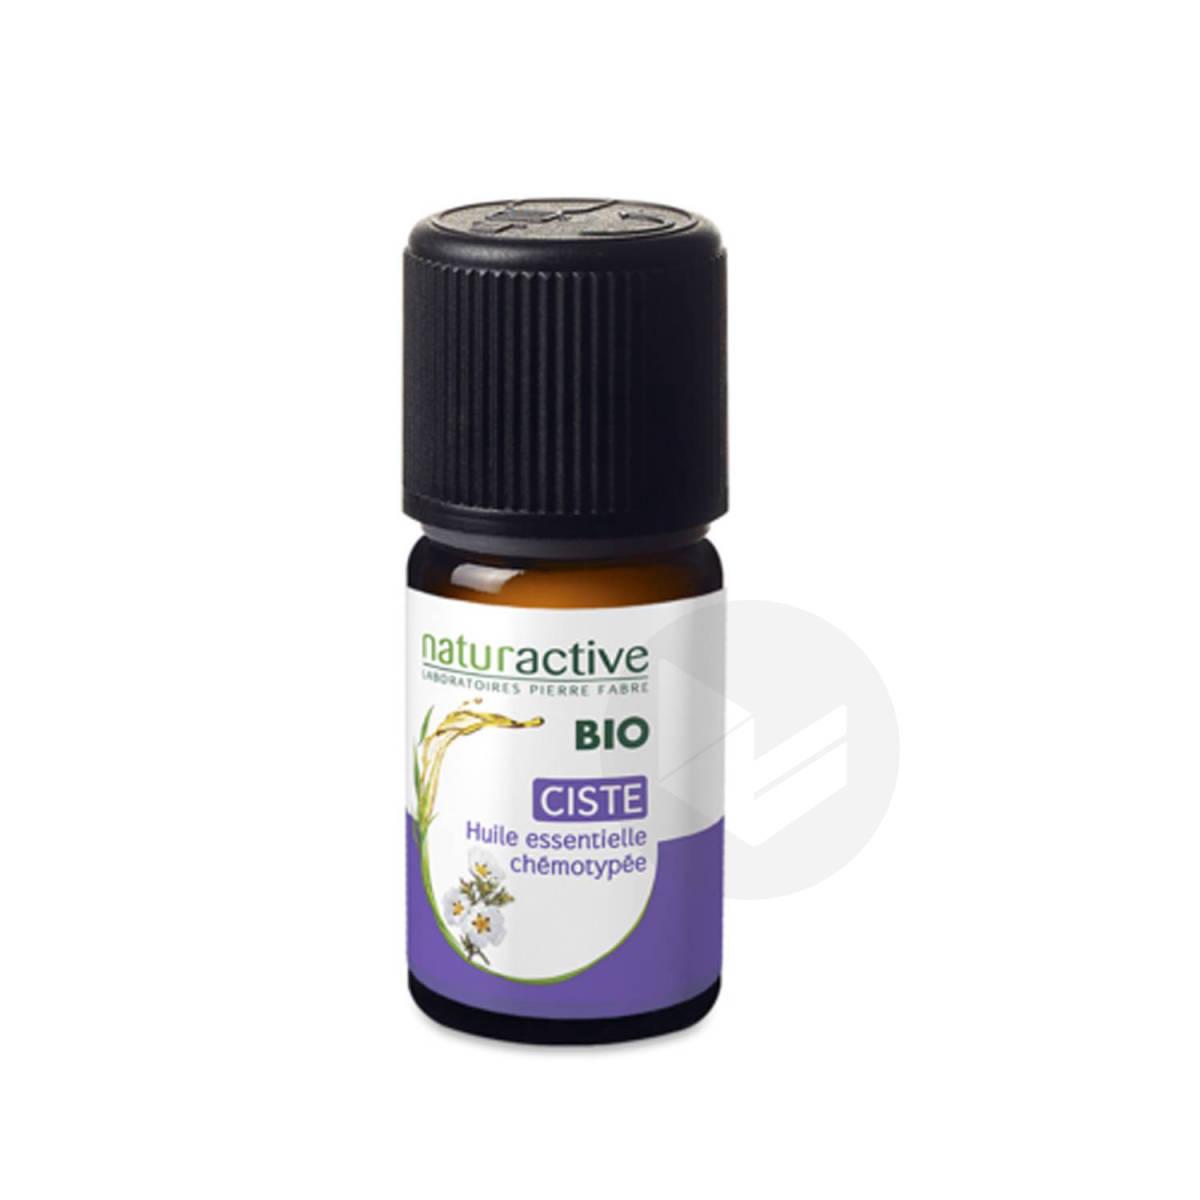 Huile Essentielle Ciste Bio 5ml